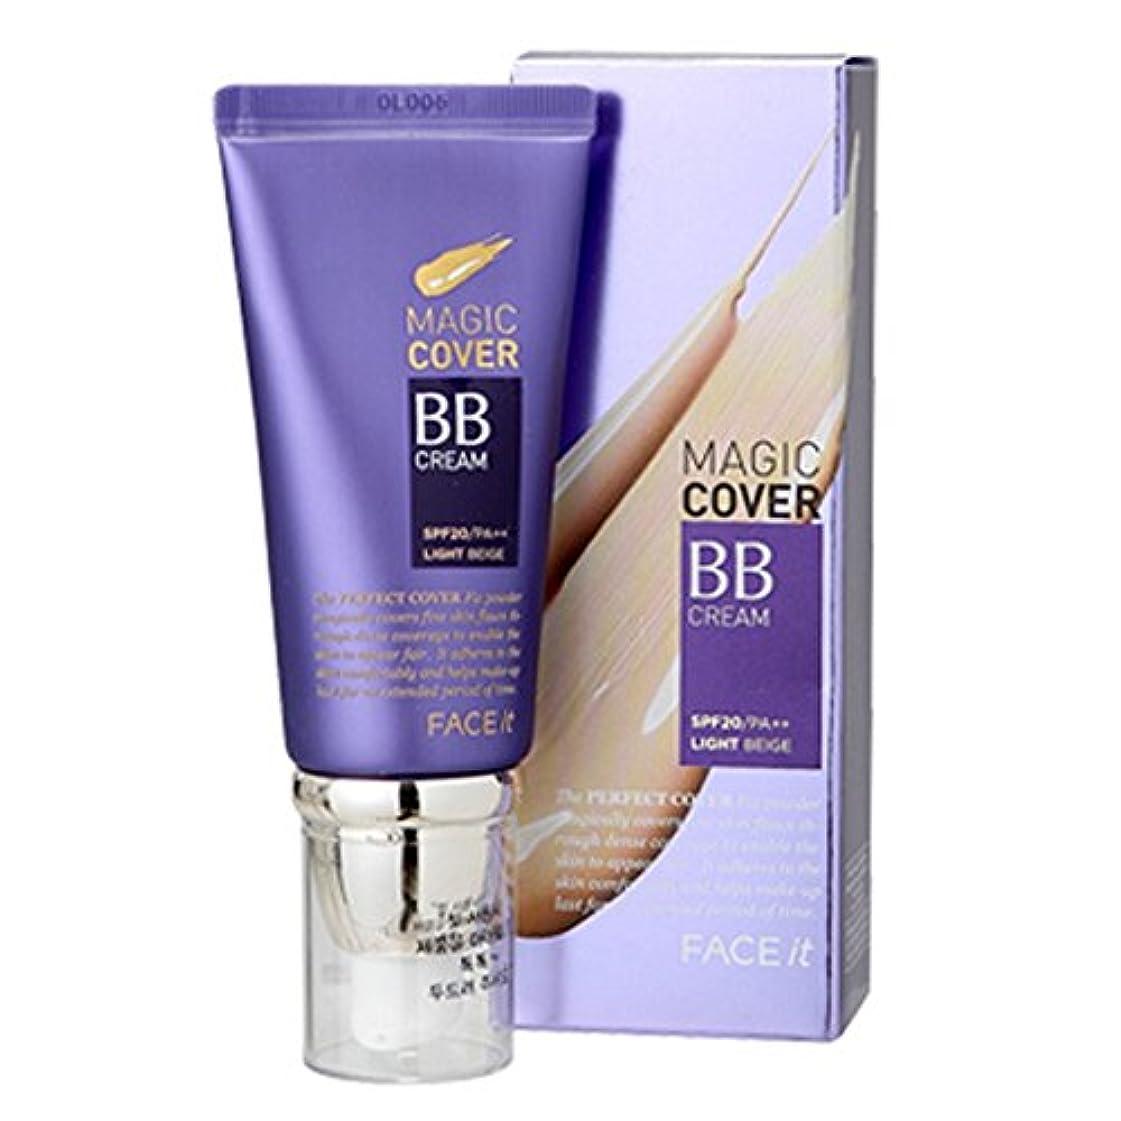 割合鉄道駅魔術ザフェイスショップ The Face Shop Face It Magic Cover BB Cream 45ml (01 Light Beige)